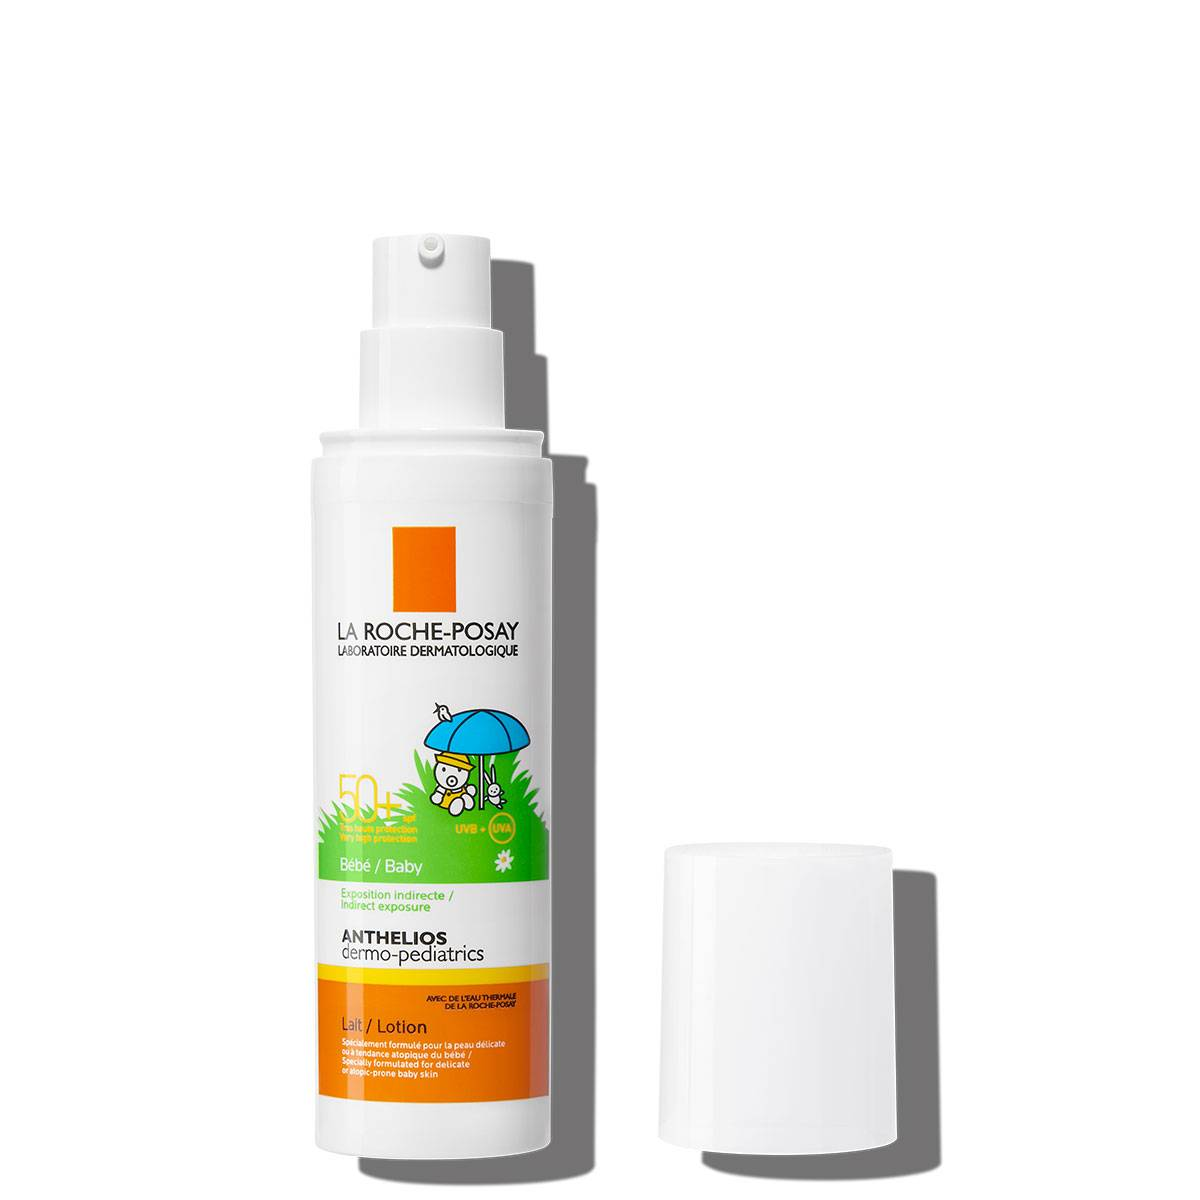 Confezione Anthelios dermo-pediatrics lozione SPF50+ con tappo accanto su sfondo bianco